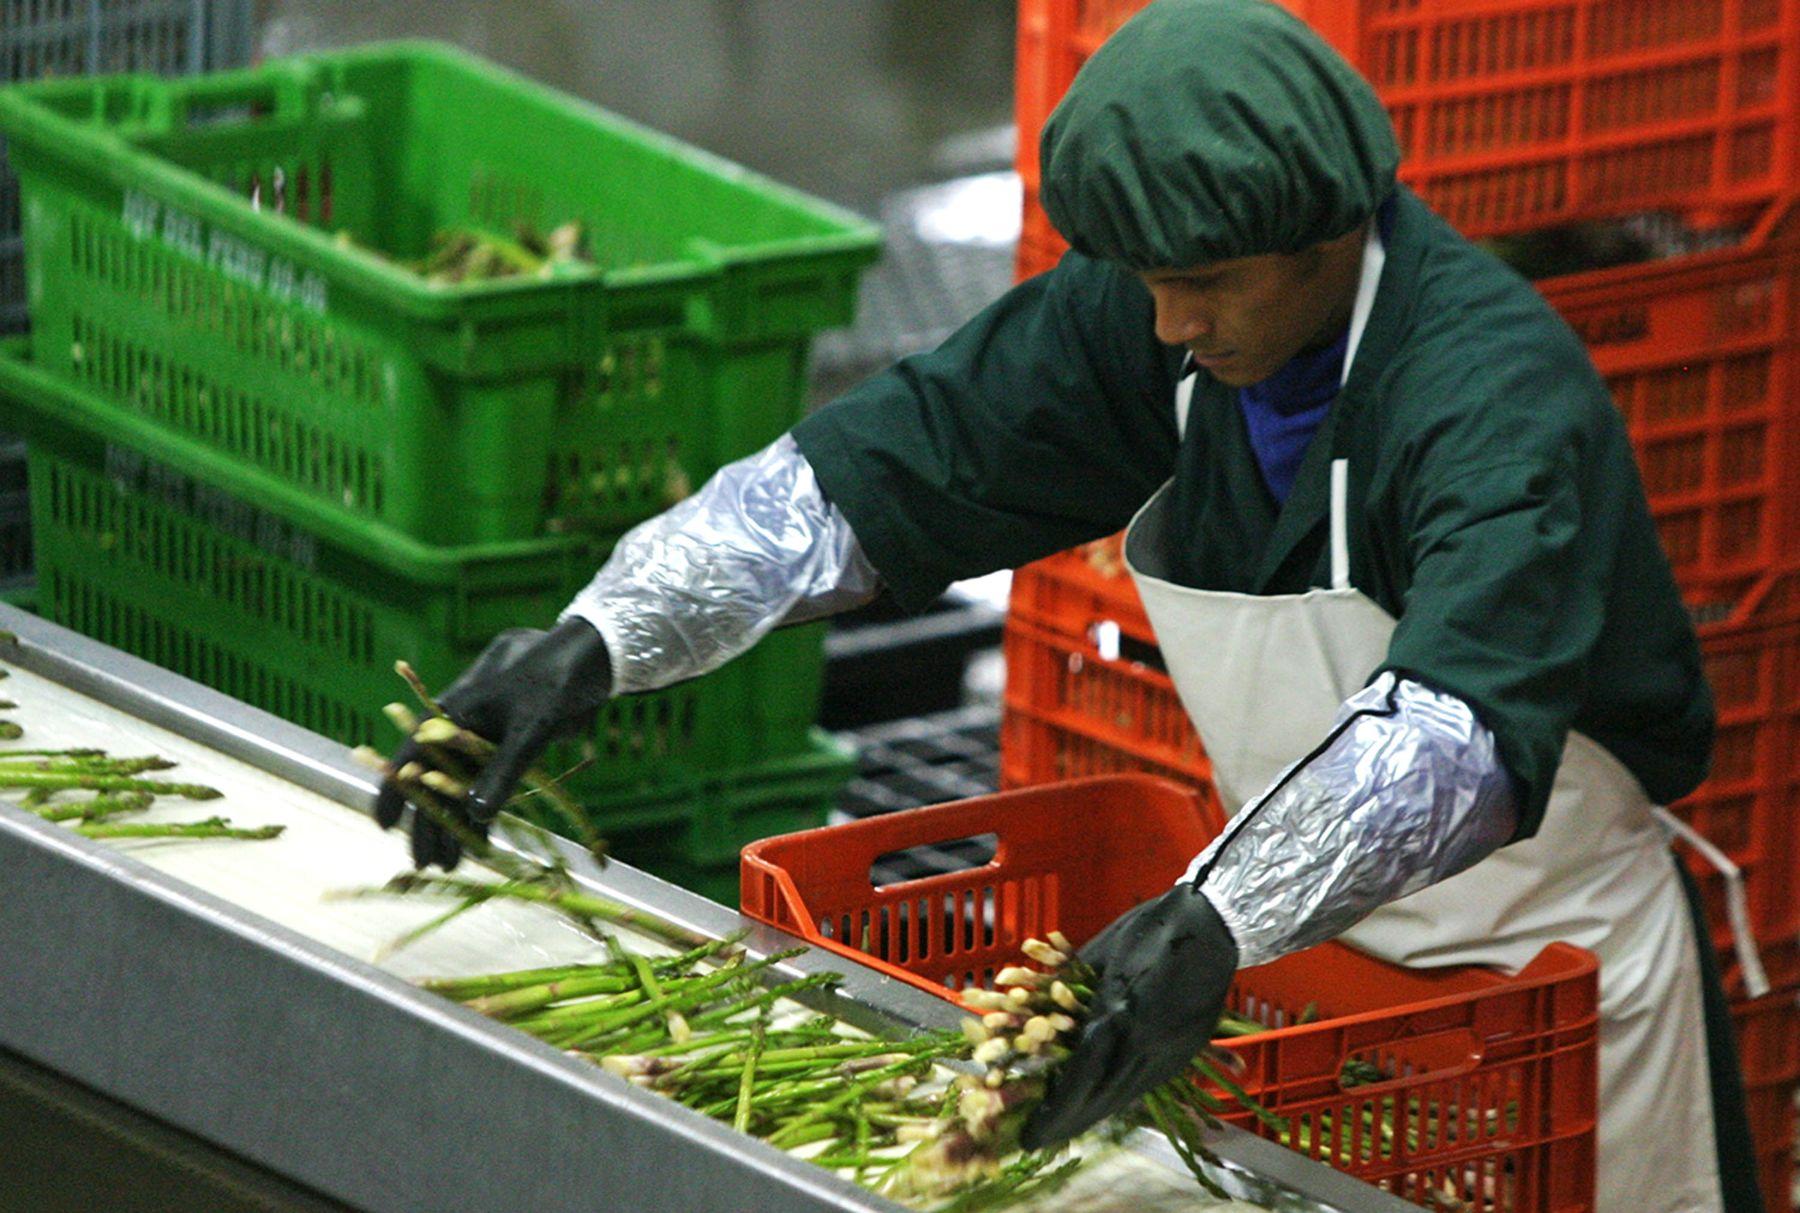 Agroexportaciones ANDINA